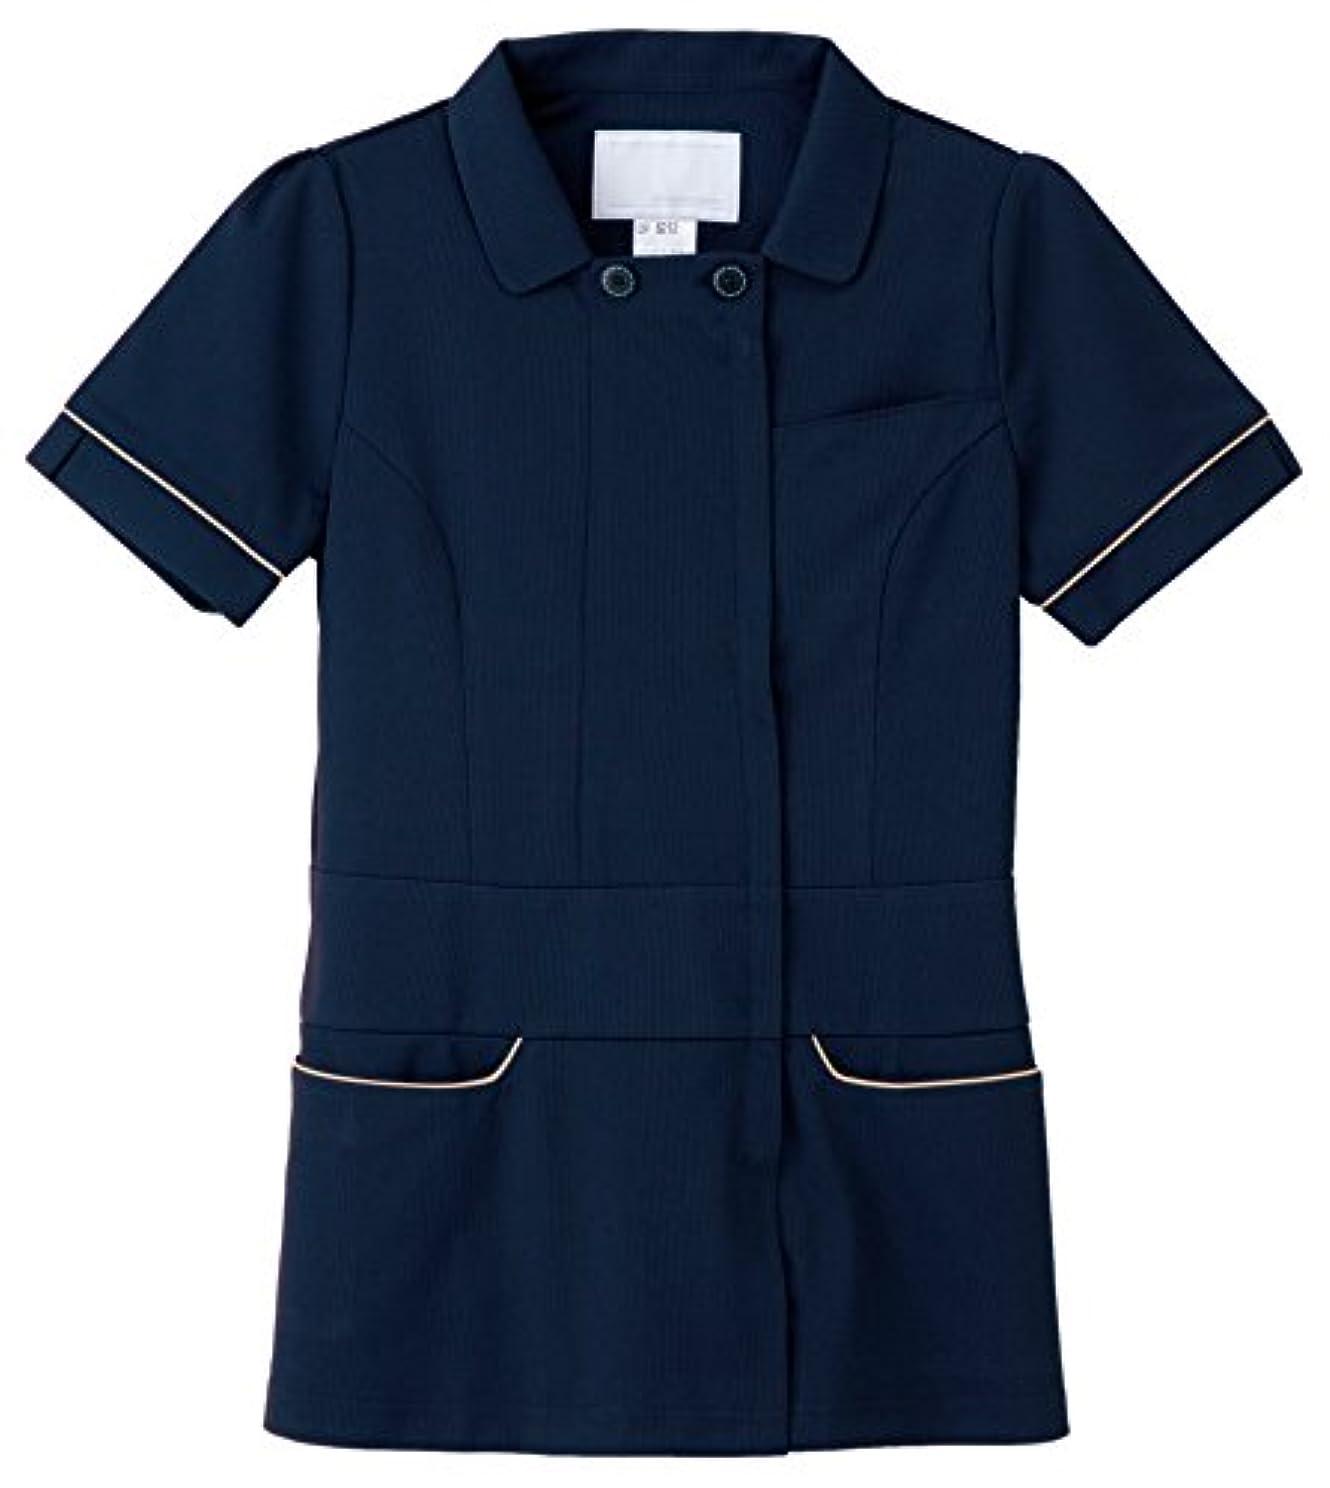 対処脱臼する開示するナガイレーベン NAGAILEBEN 女子上衣 LH-6212(L) ネイビー